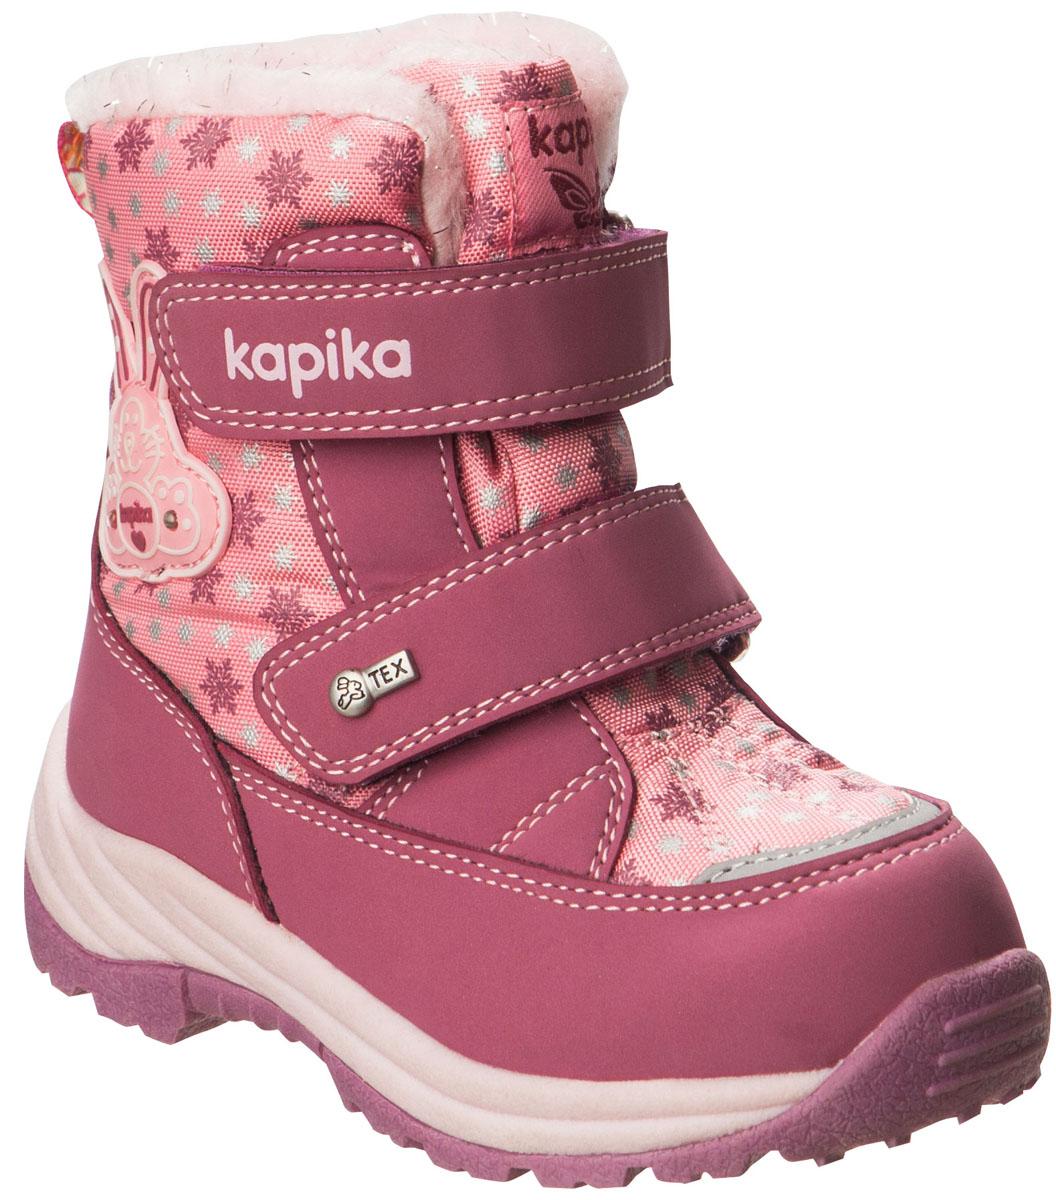 Ботинки41161-1Легкие, удобные и теплые ботинки от Kapika выполнены из мембранных материалов и искусственной кожи. Два ремешка на застежках-липучках надежно фиксируют изделие на ноге. Мягкая подкладка и стелька из шерсти обеспечивают тепло, циркуляцию воздуха и сохраняют комфортный микроклимат в обуви. Подошва с протектором гарантирует идеальное сцепление с любыми поверхностями. Идеальная зимняя обувь для активных детей и подростков. Модель большемерит на 1 размер.